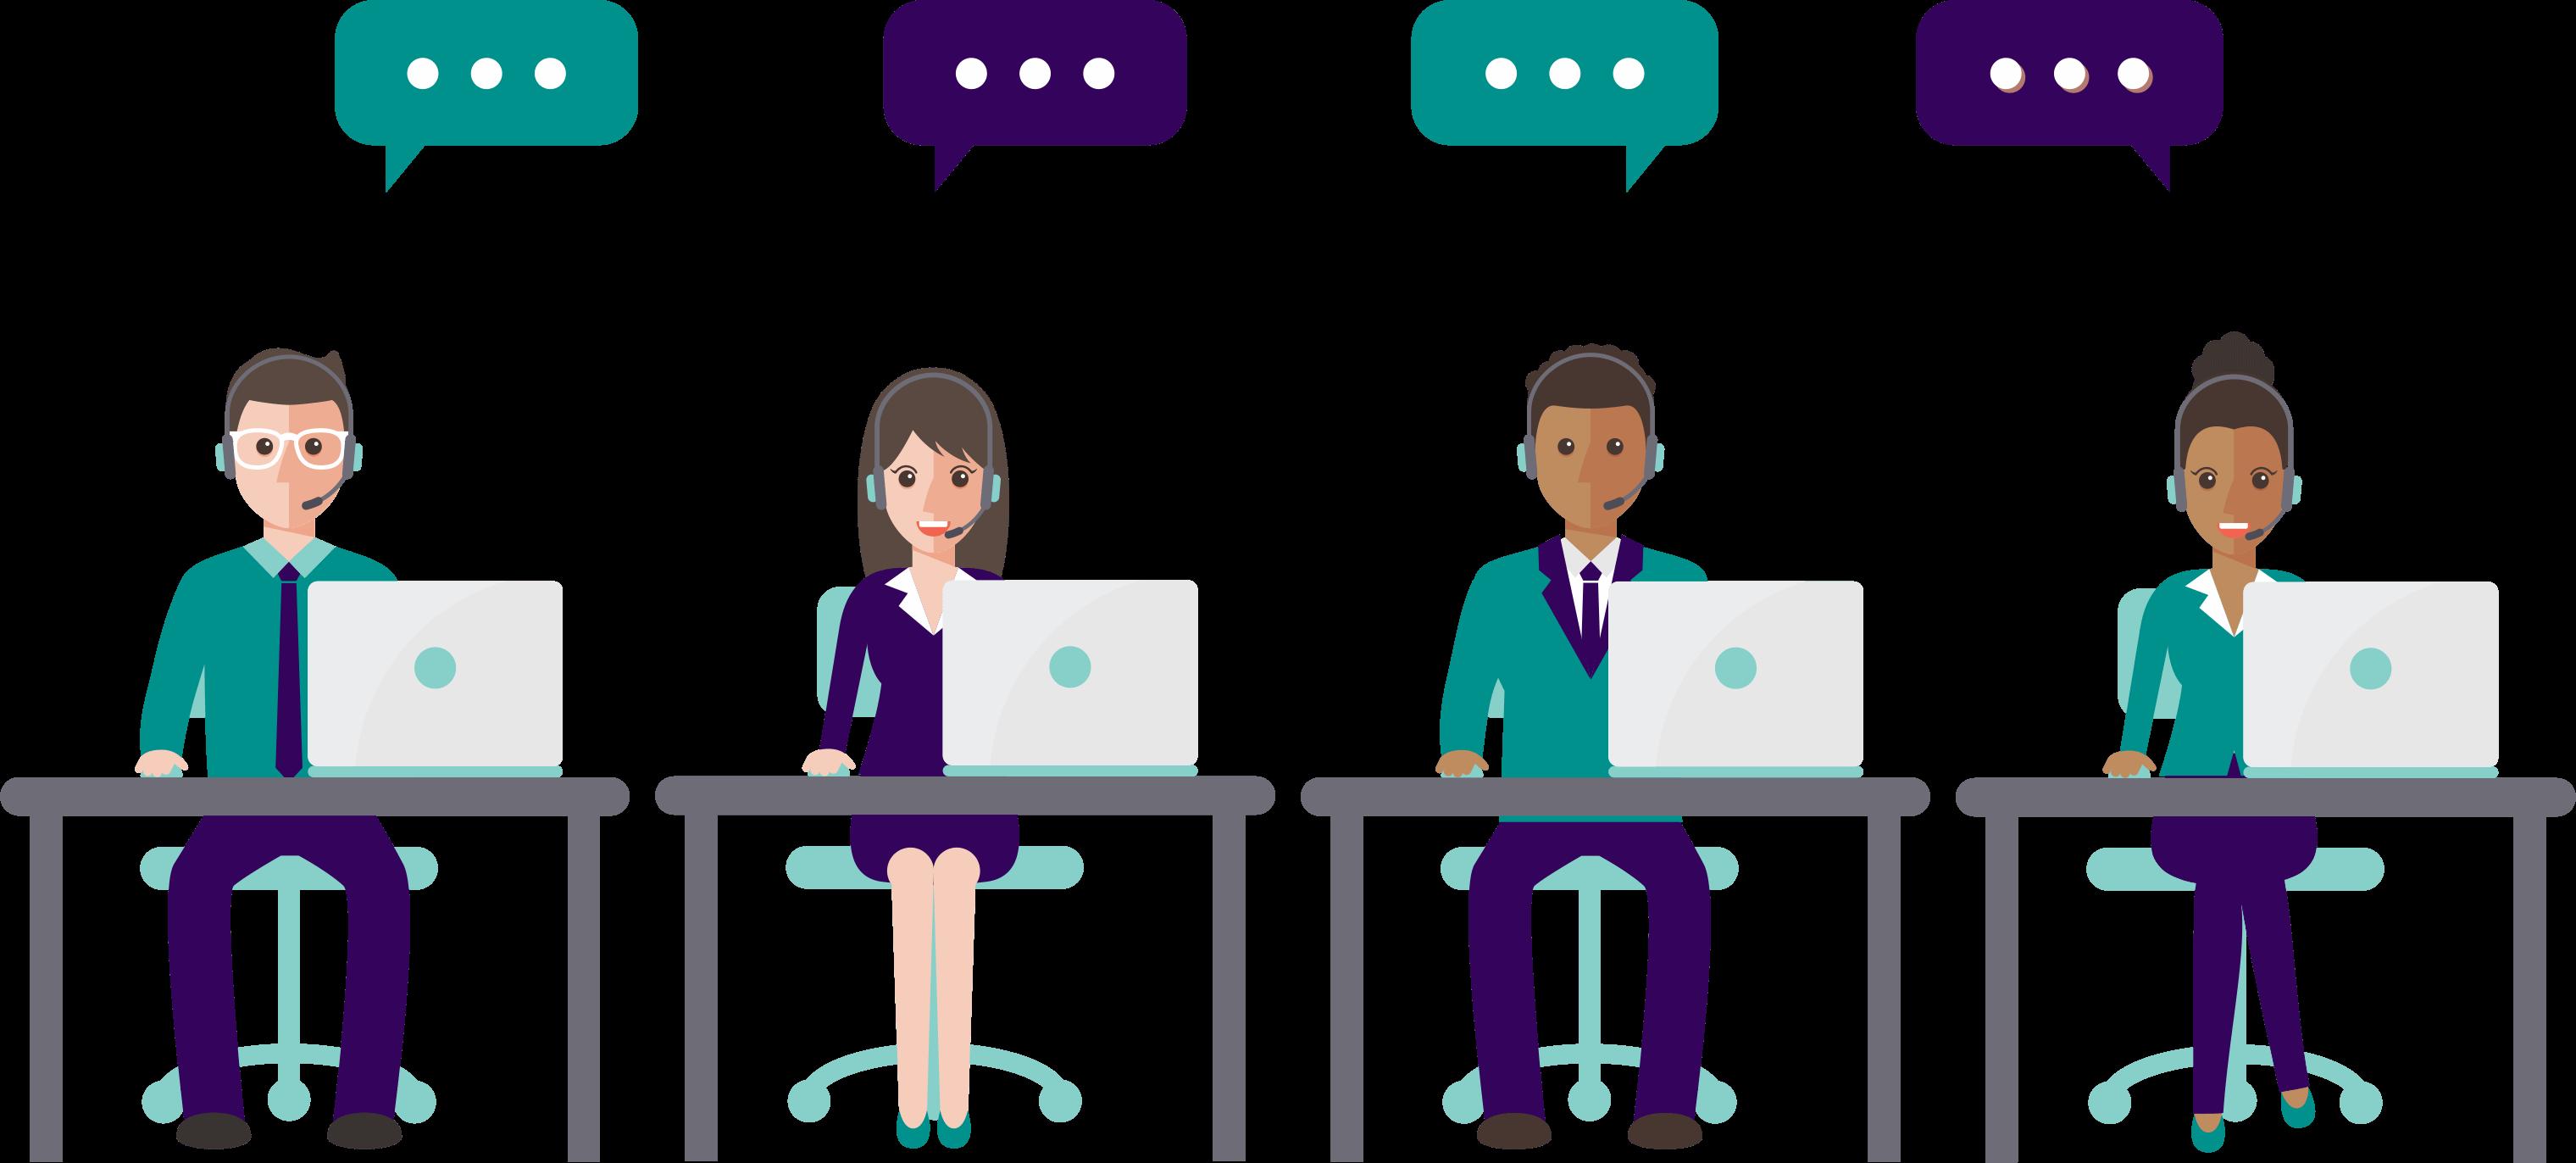 Atendimento: como usá-lo como ferramenta de retenção e atração de clientes?